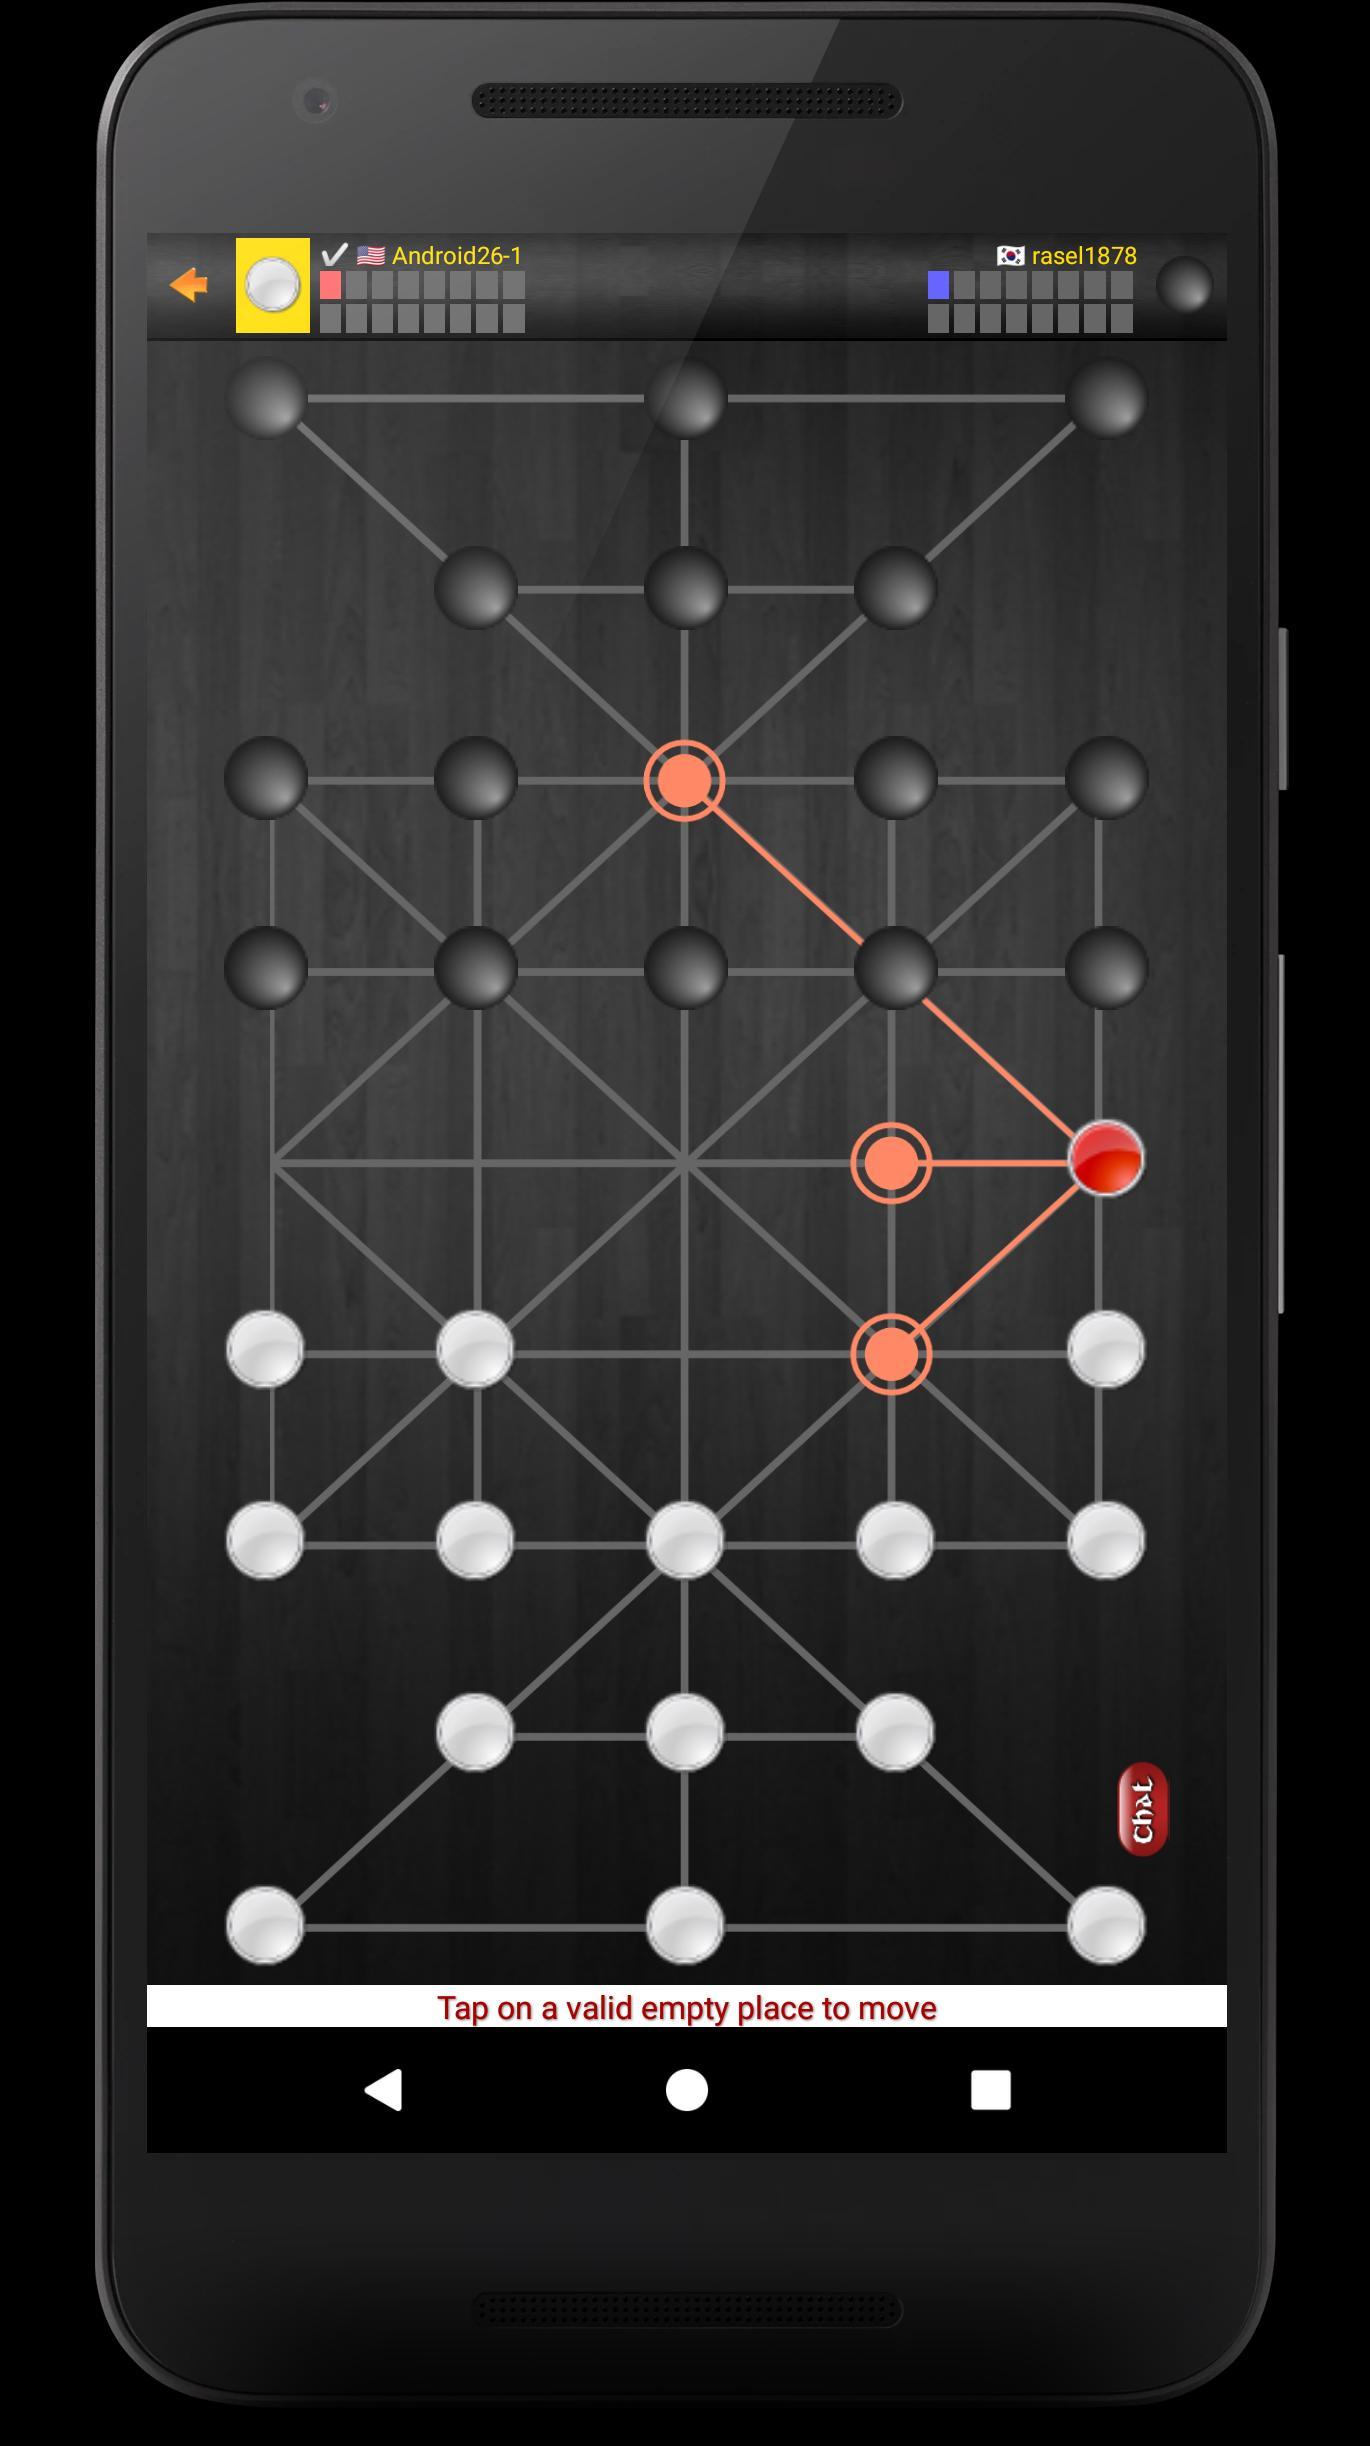 Sholo Guti 16 beads 4.3.2 Screenshot 1